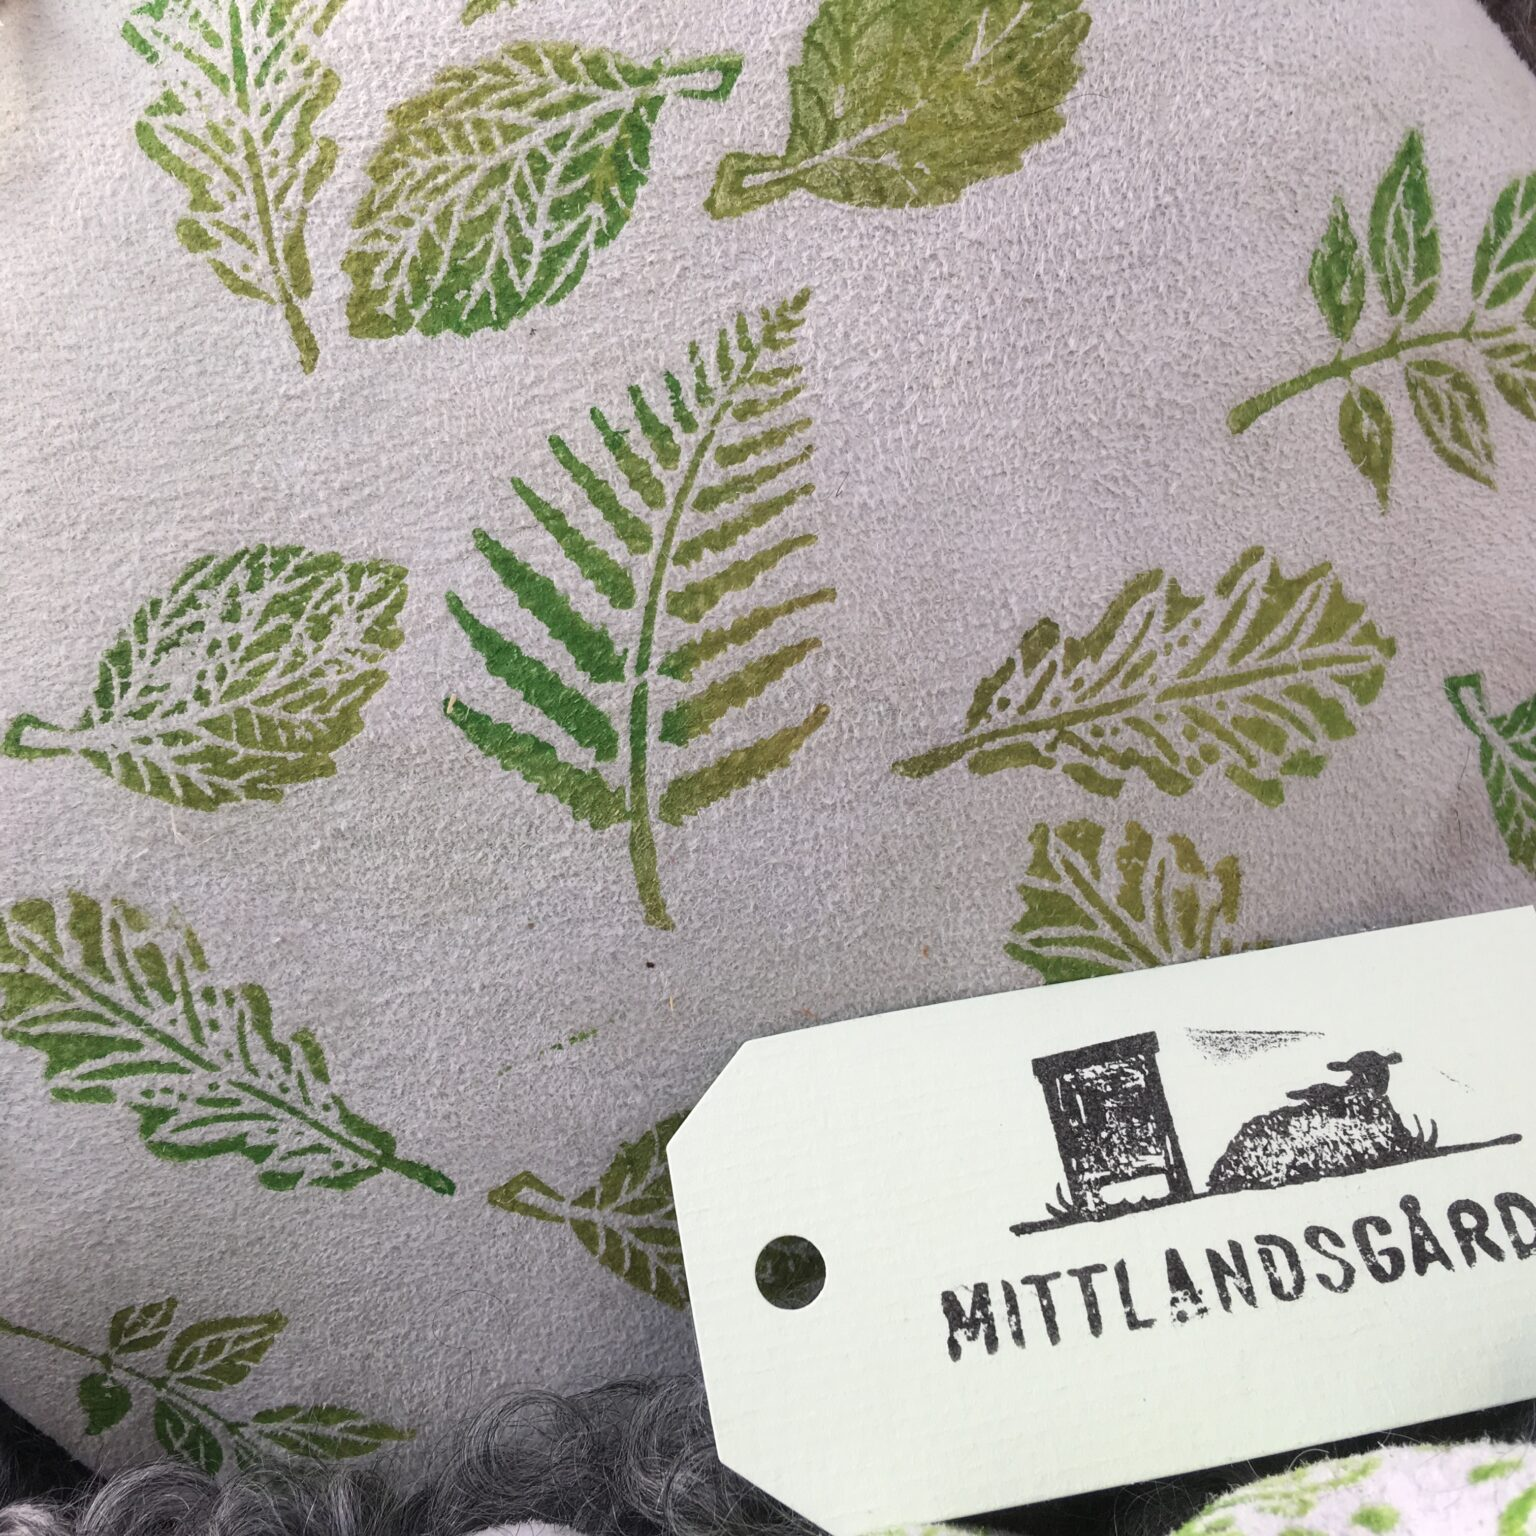 Skinnhantverk från Mittlandsgården